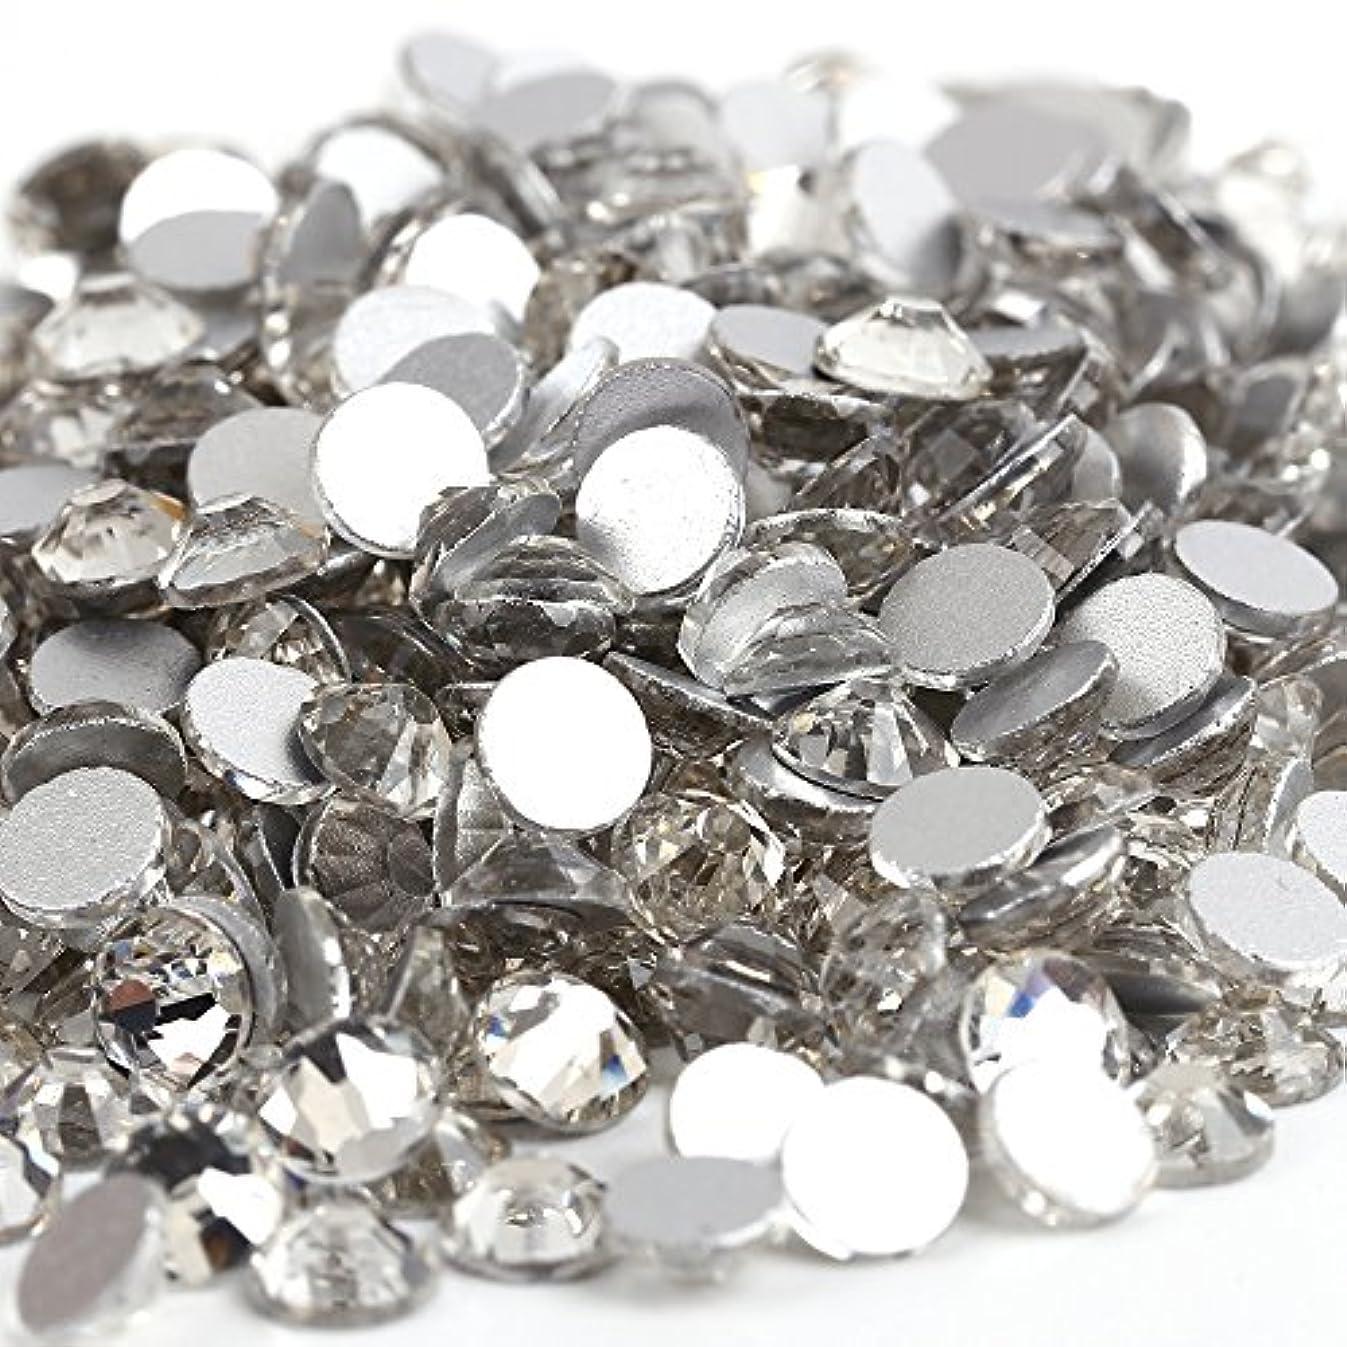 所有者間違い取り扱いガラス製ラインストーン 1440粒 ネイル デコ クリスタル (3.0mm (SS12) 約1440粒) [並行輸入品]